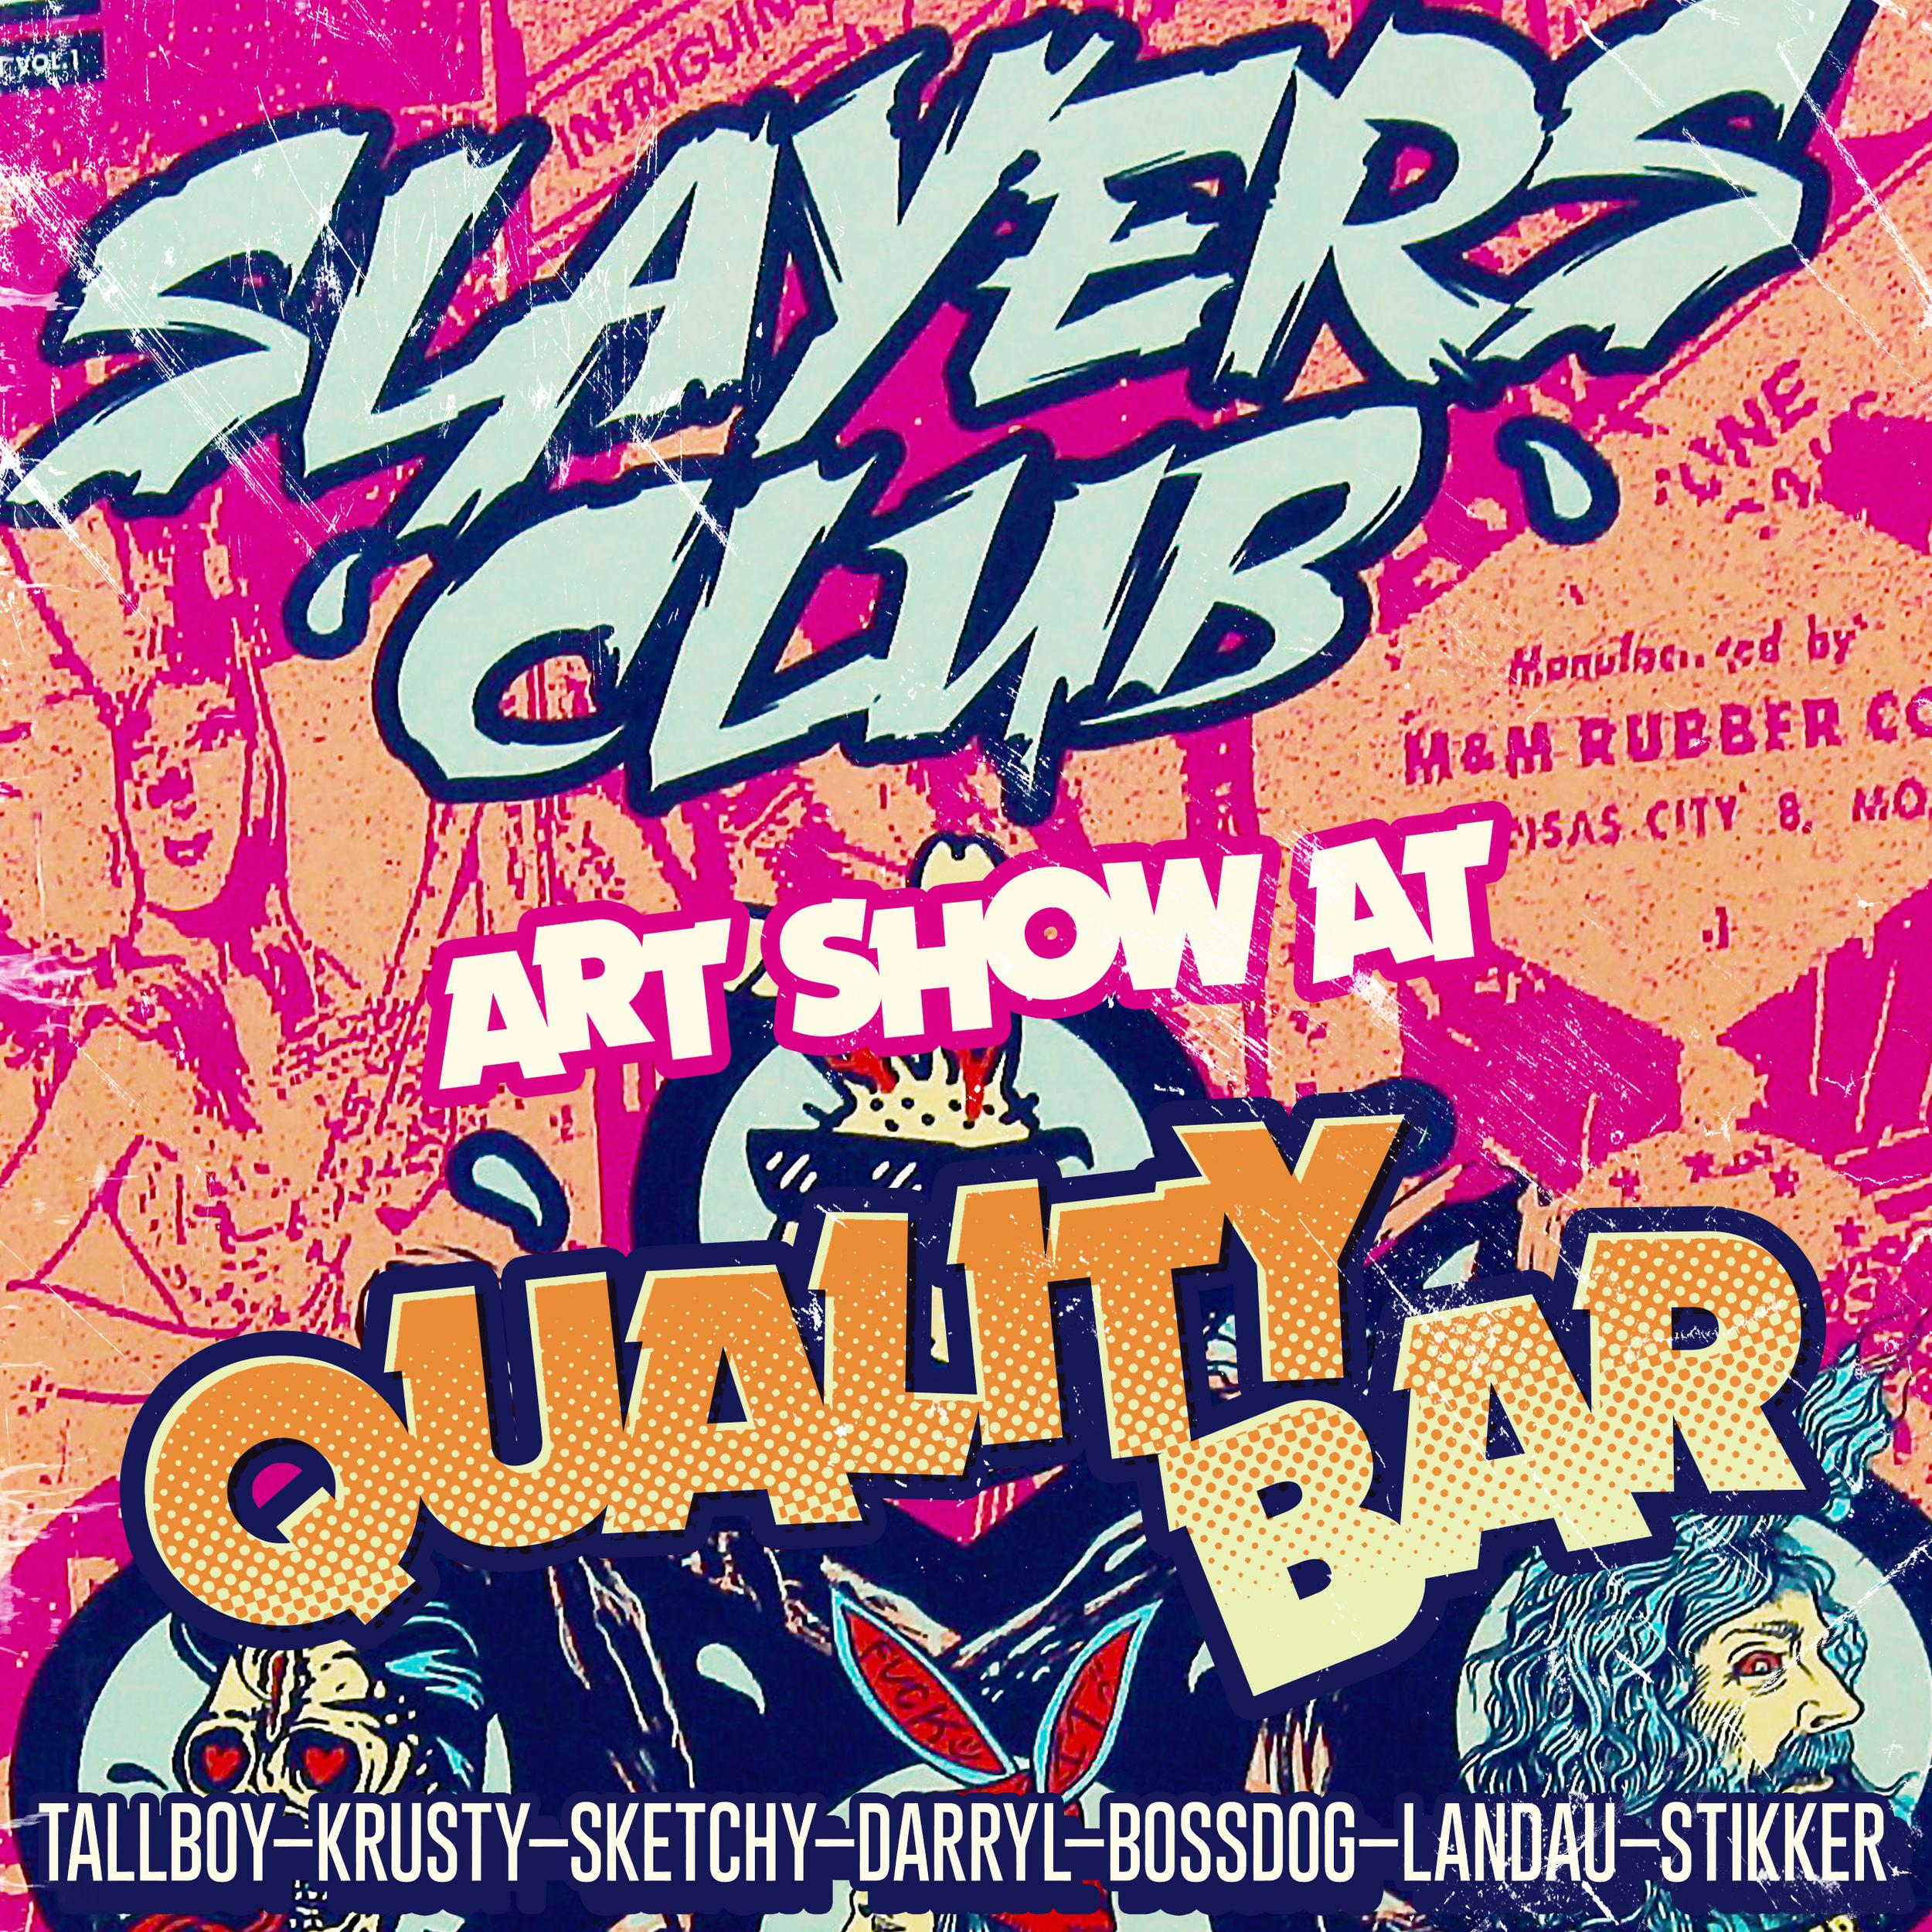 sp_slayersclubshow_sm.jpg